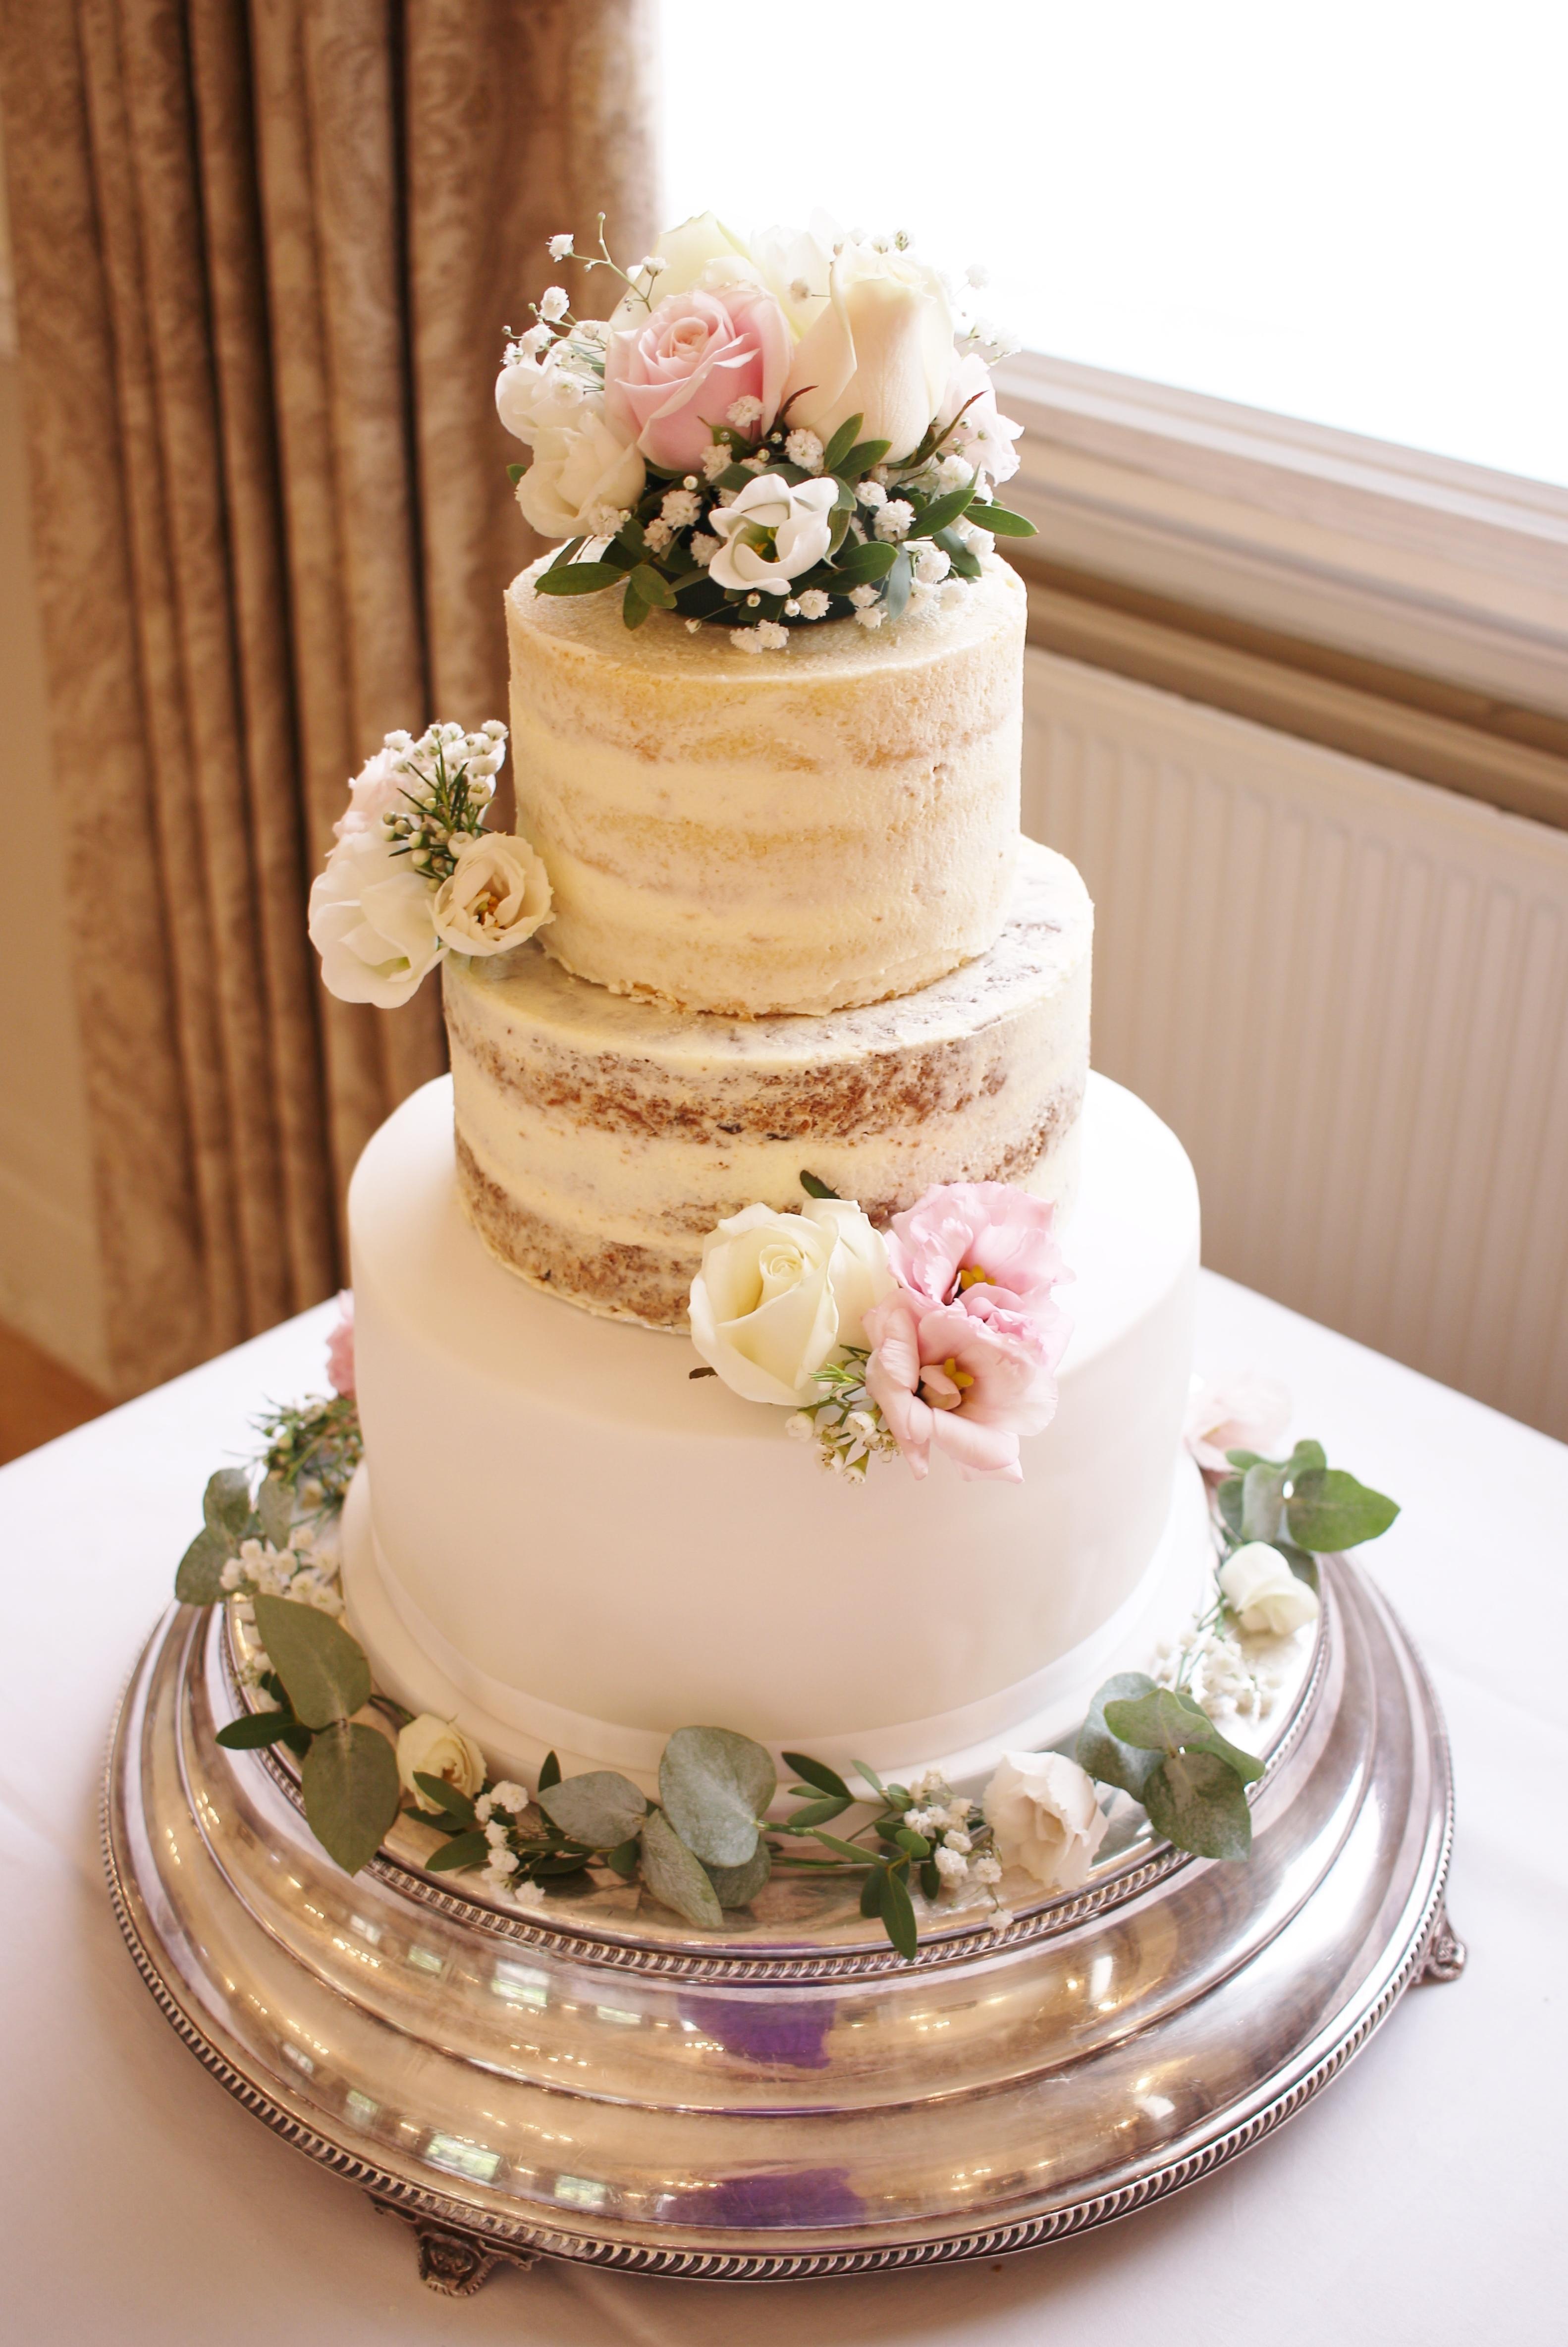 Semi-naked wedding cake with fondant